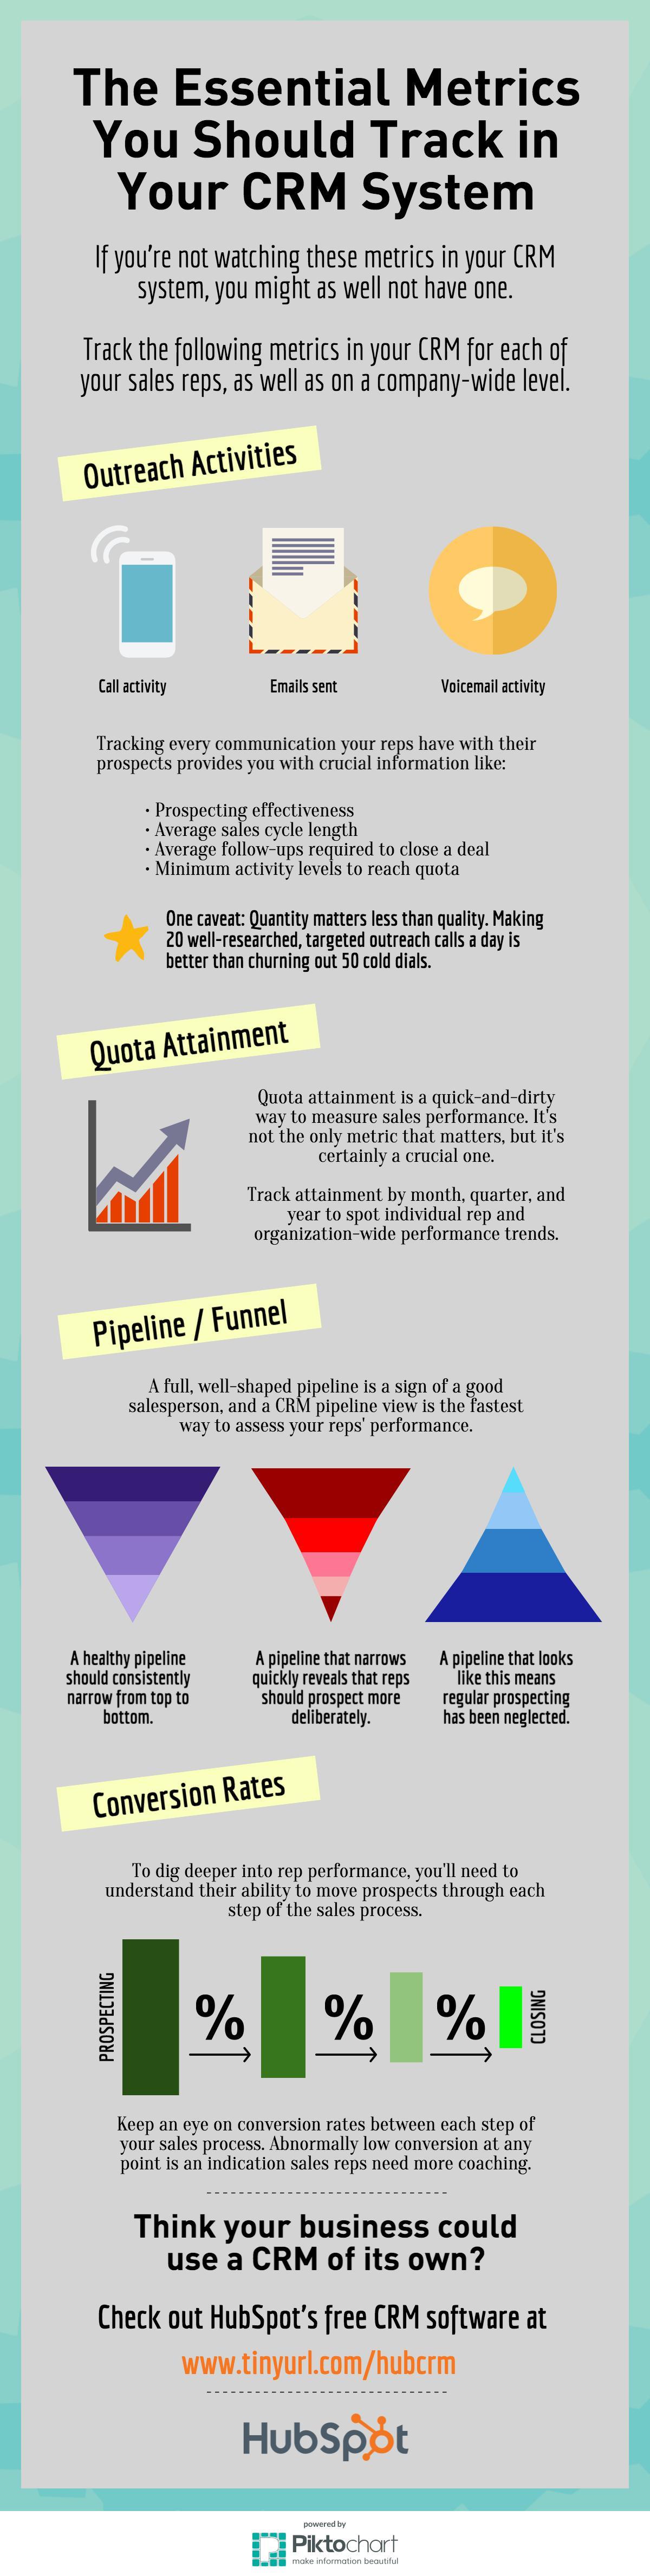 infografía-métricas-esenciales-crm